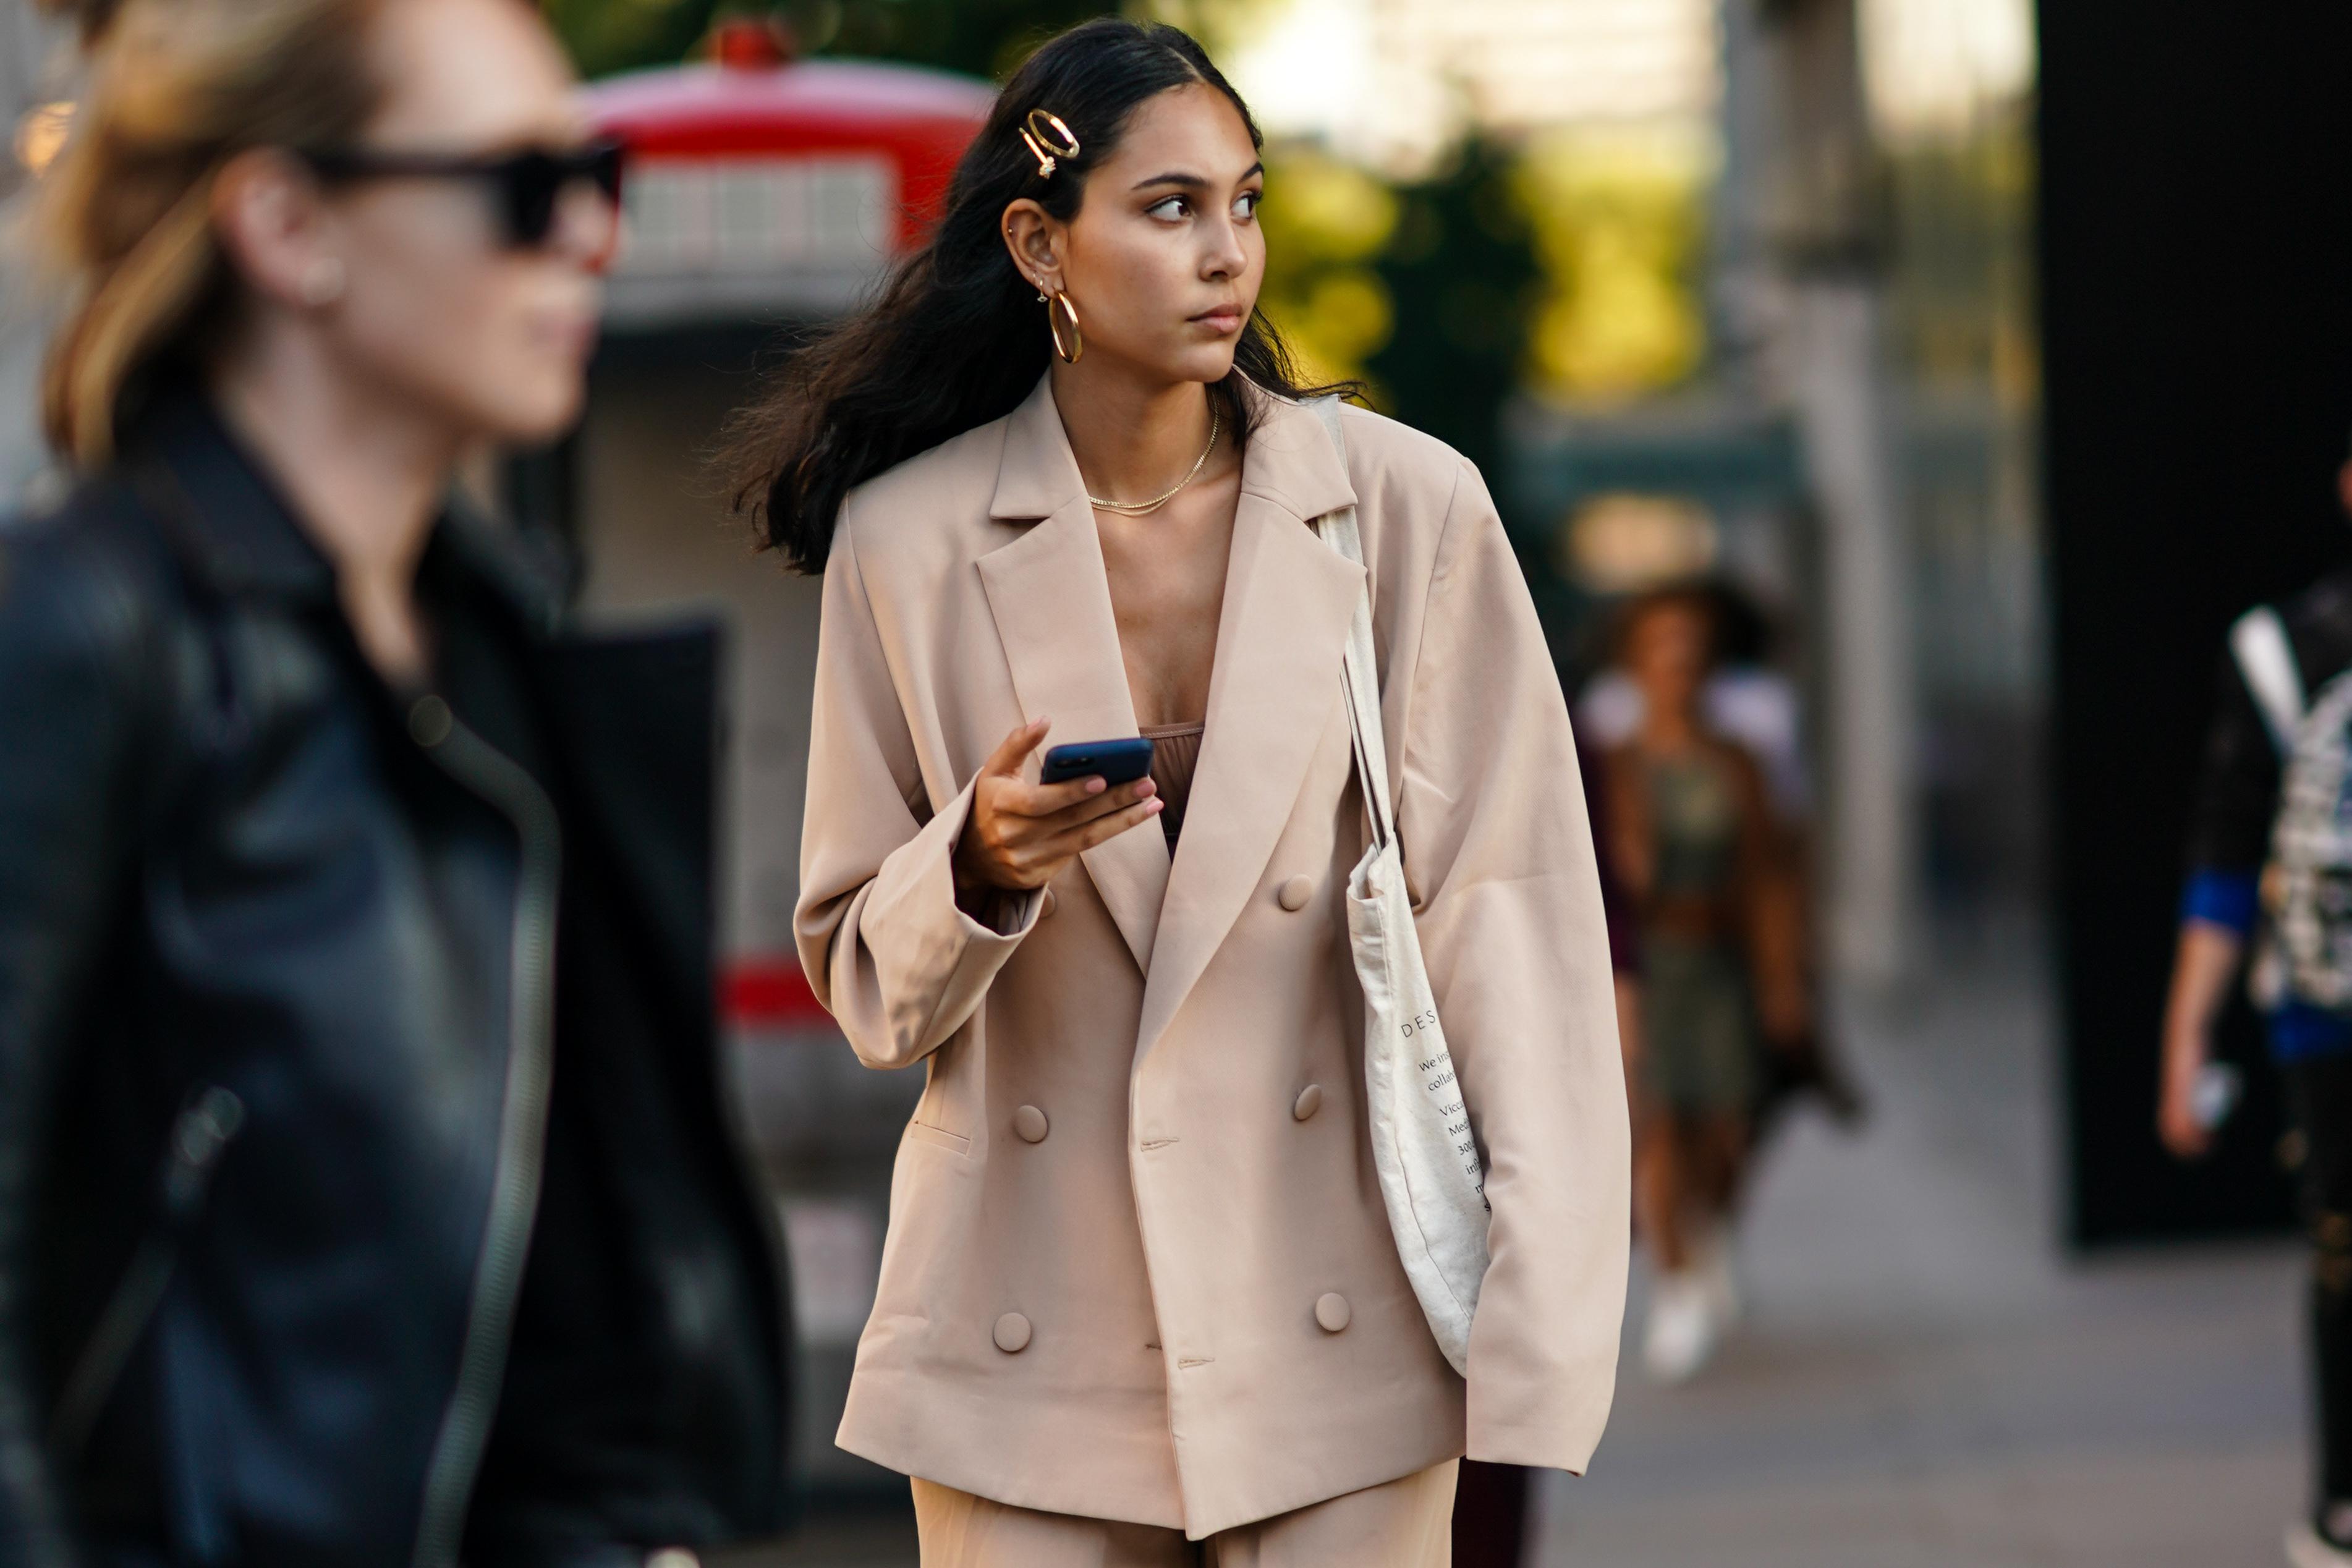 素肌にジャケットを羽織っているようなコーディネイトに、ゴールドアクセを取り入れてクールなニュアンスをプラス。ヘアアクセ、ピアス、チョーカーとそれぞれはさり気ないデザインだけど合わせることでグッと孫座感が高まる。